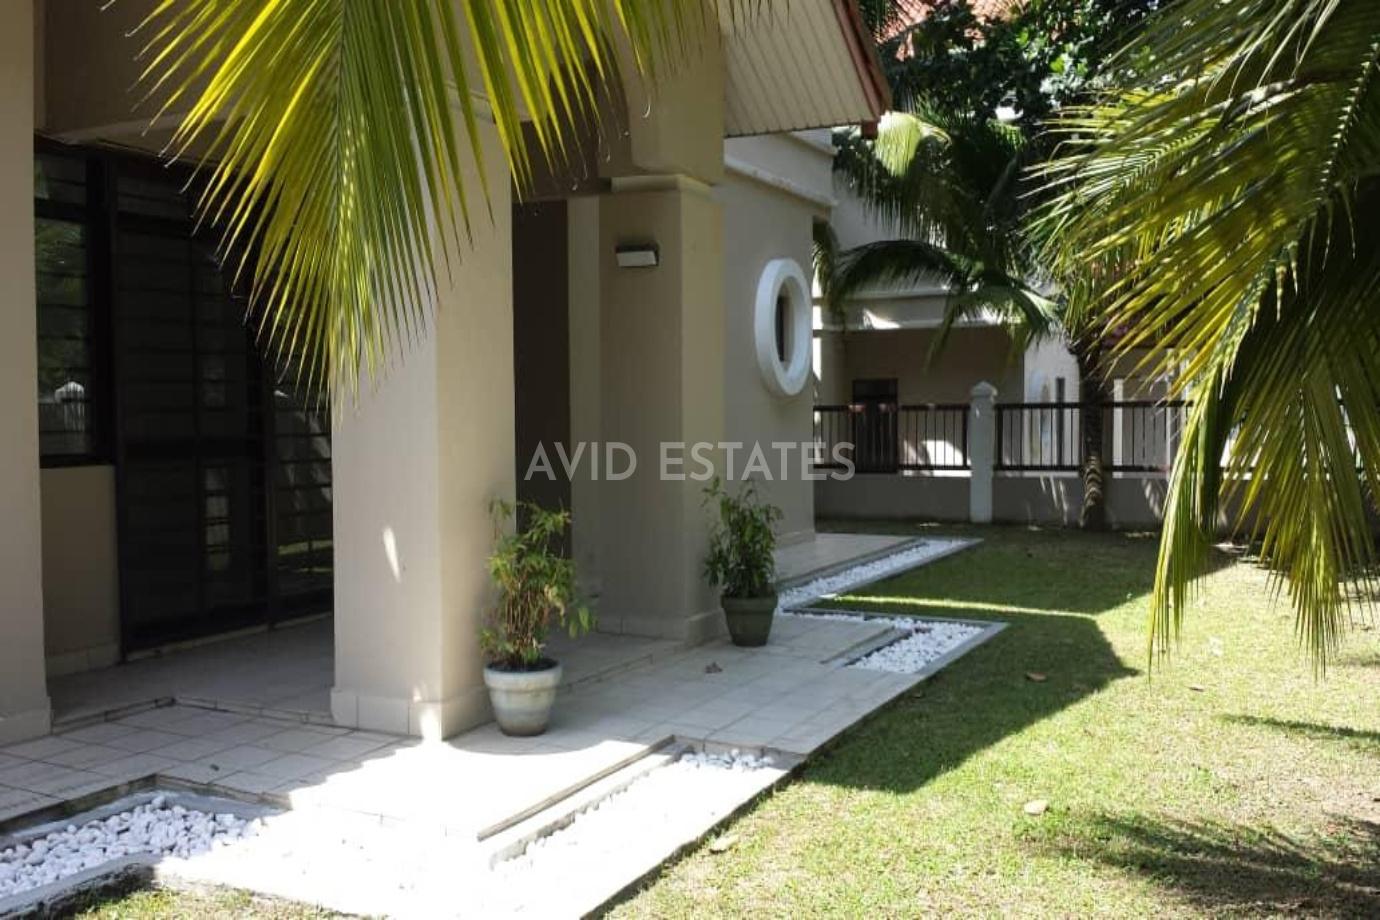 Mutiara Damansara,Kuala Lumpur, 6 Bedrooms Bedrooms, ,6 BathroomsBathrooms,Semi-Detached,To Let,Mutiara Damansara,2139